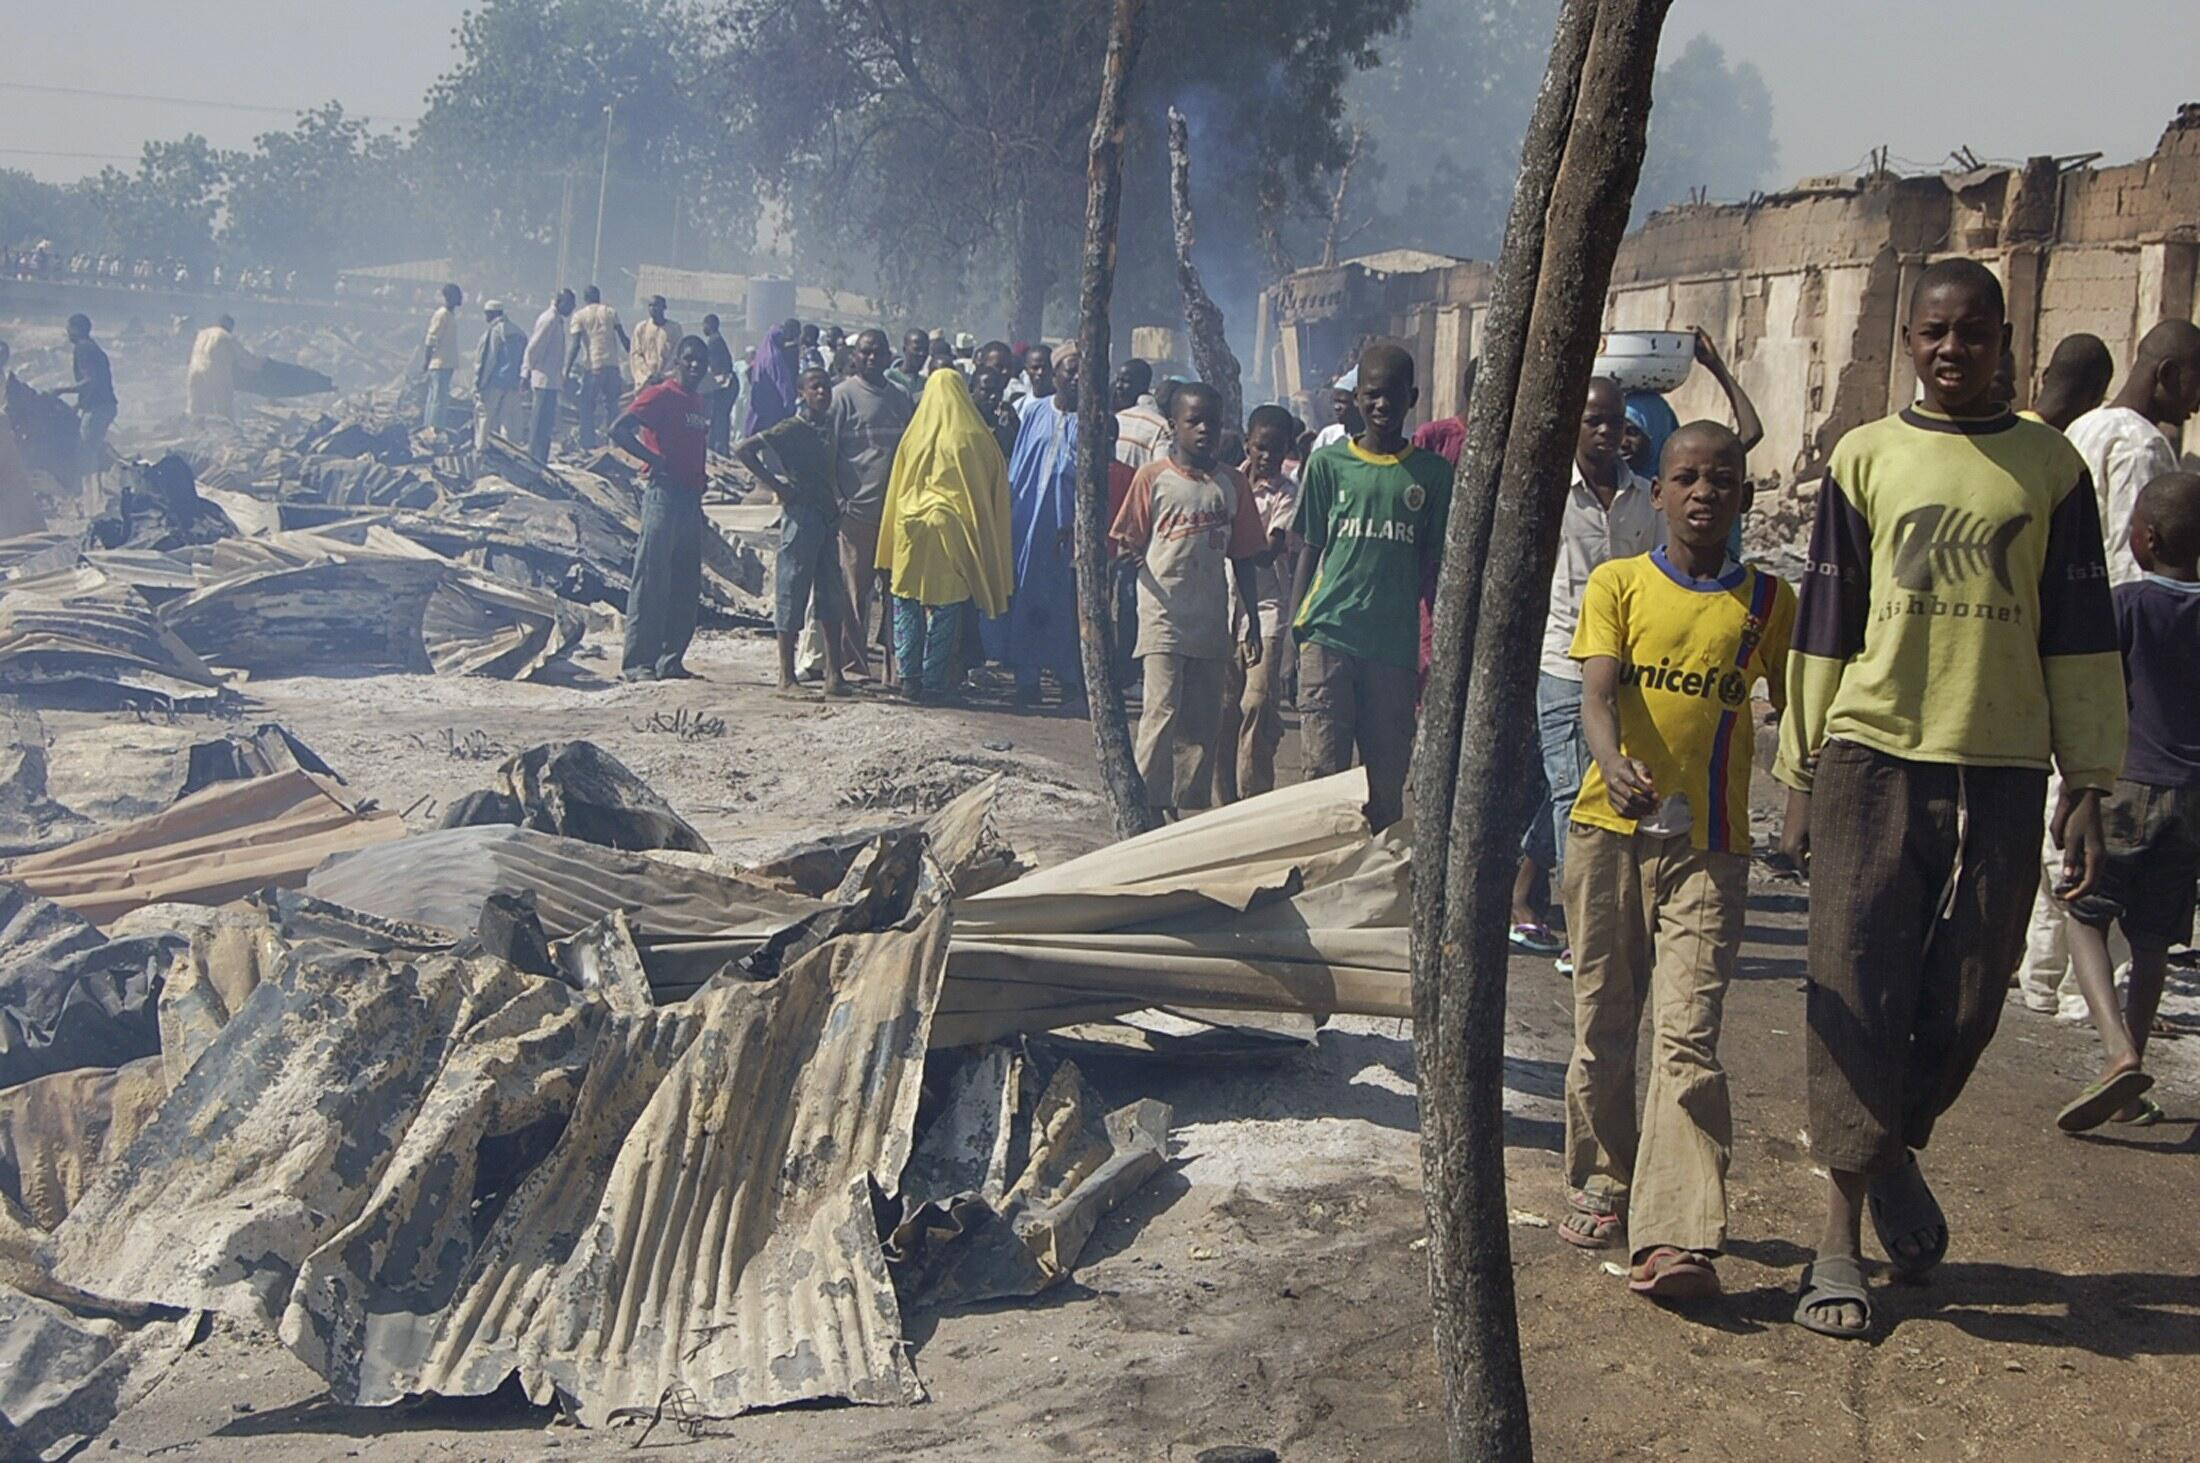 Barazanar Satar Shanu da hare haren Boko Haram ya sa aka rufe kasuwannin cinikin Dabbobi a Borno